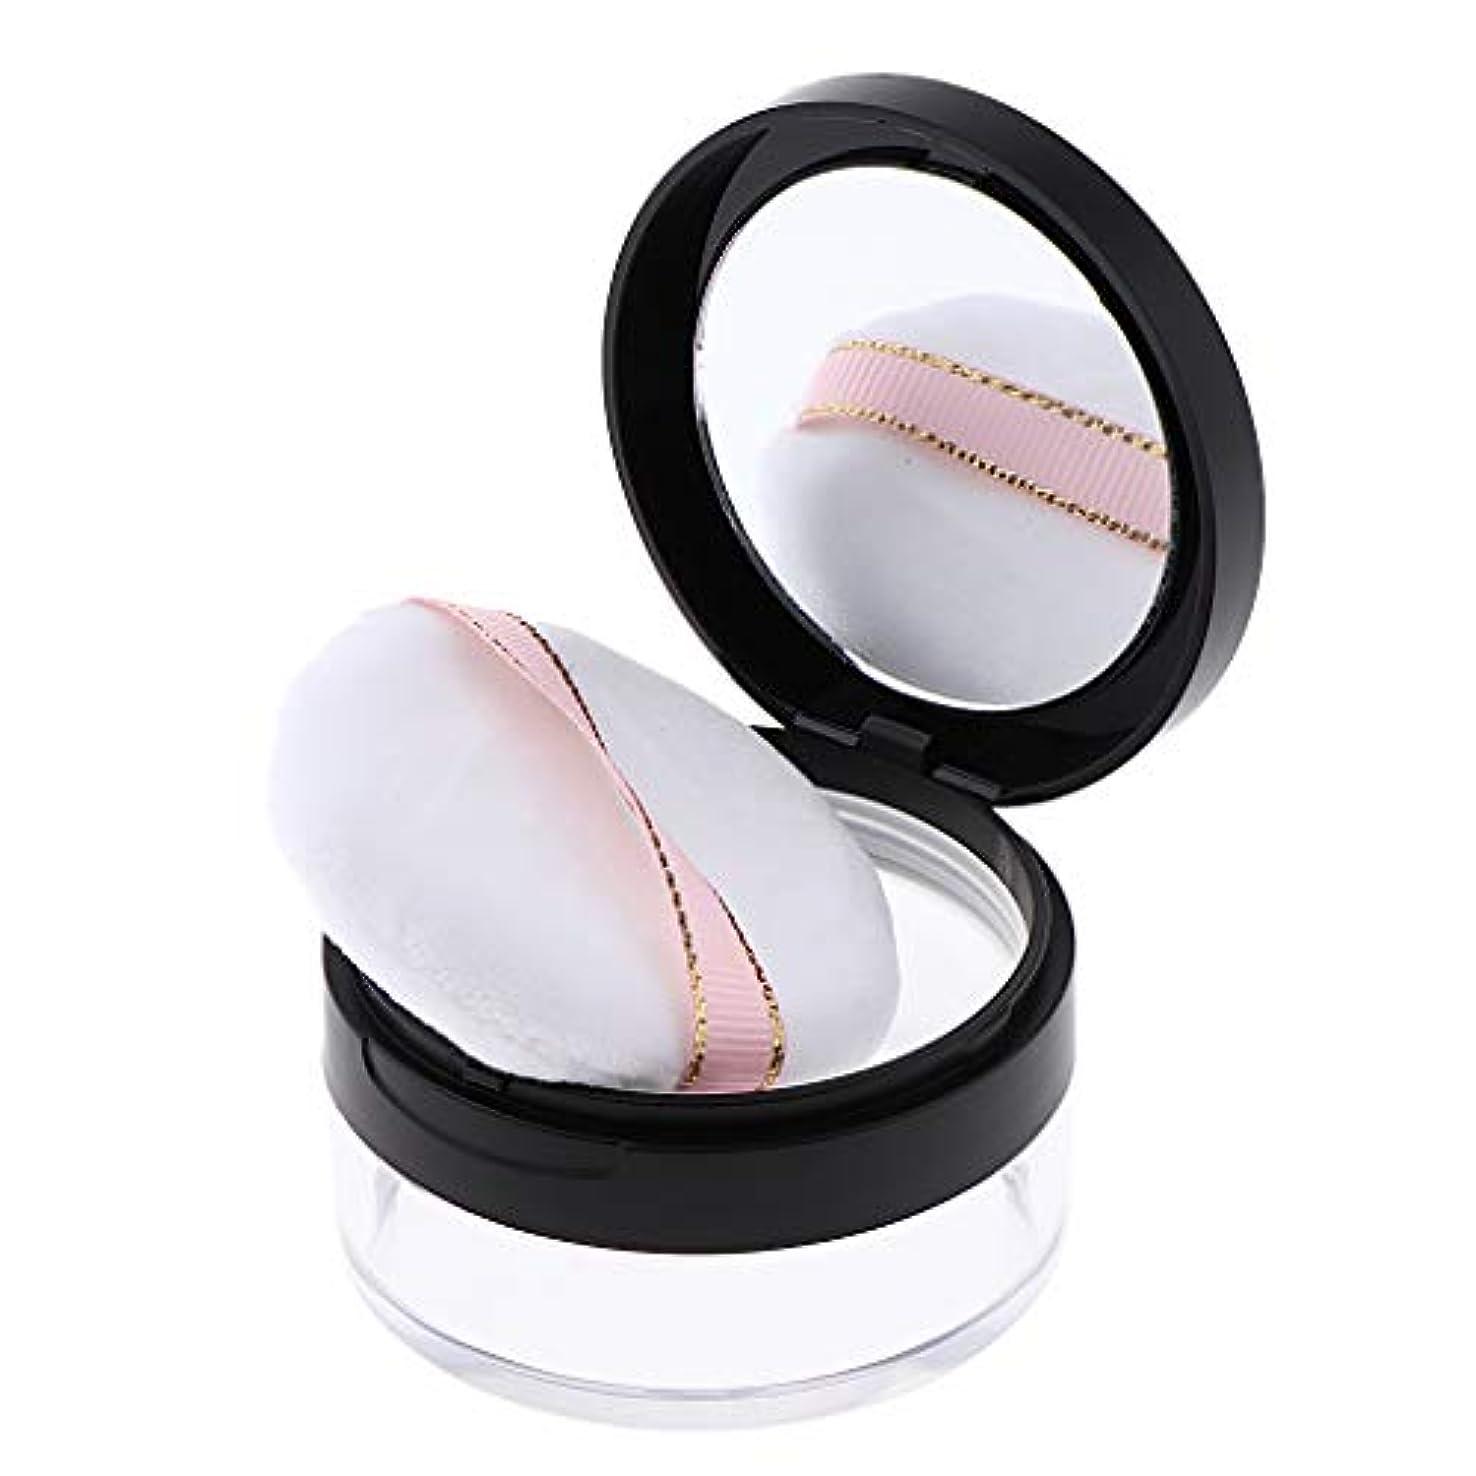 叫ぶ滞在忌み嫌うルースパウダーケース メイクアップ ミラー 化粧鏡 化粧パフ DIY コスメ 2色選べ - ブラック